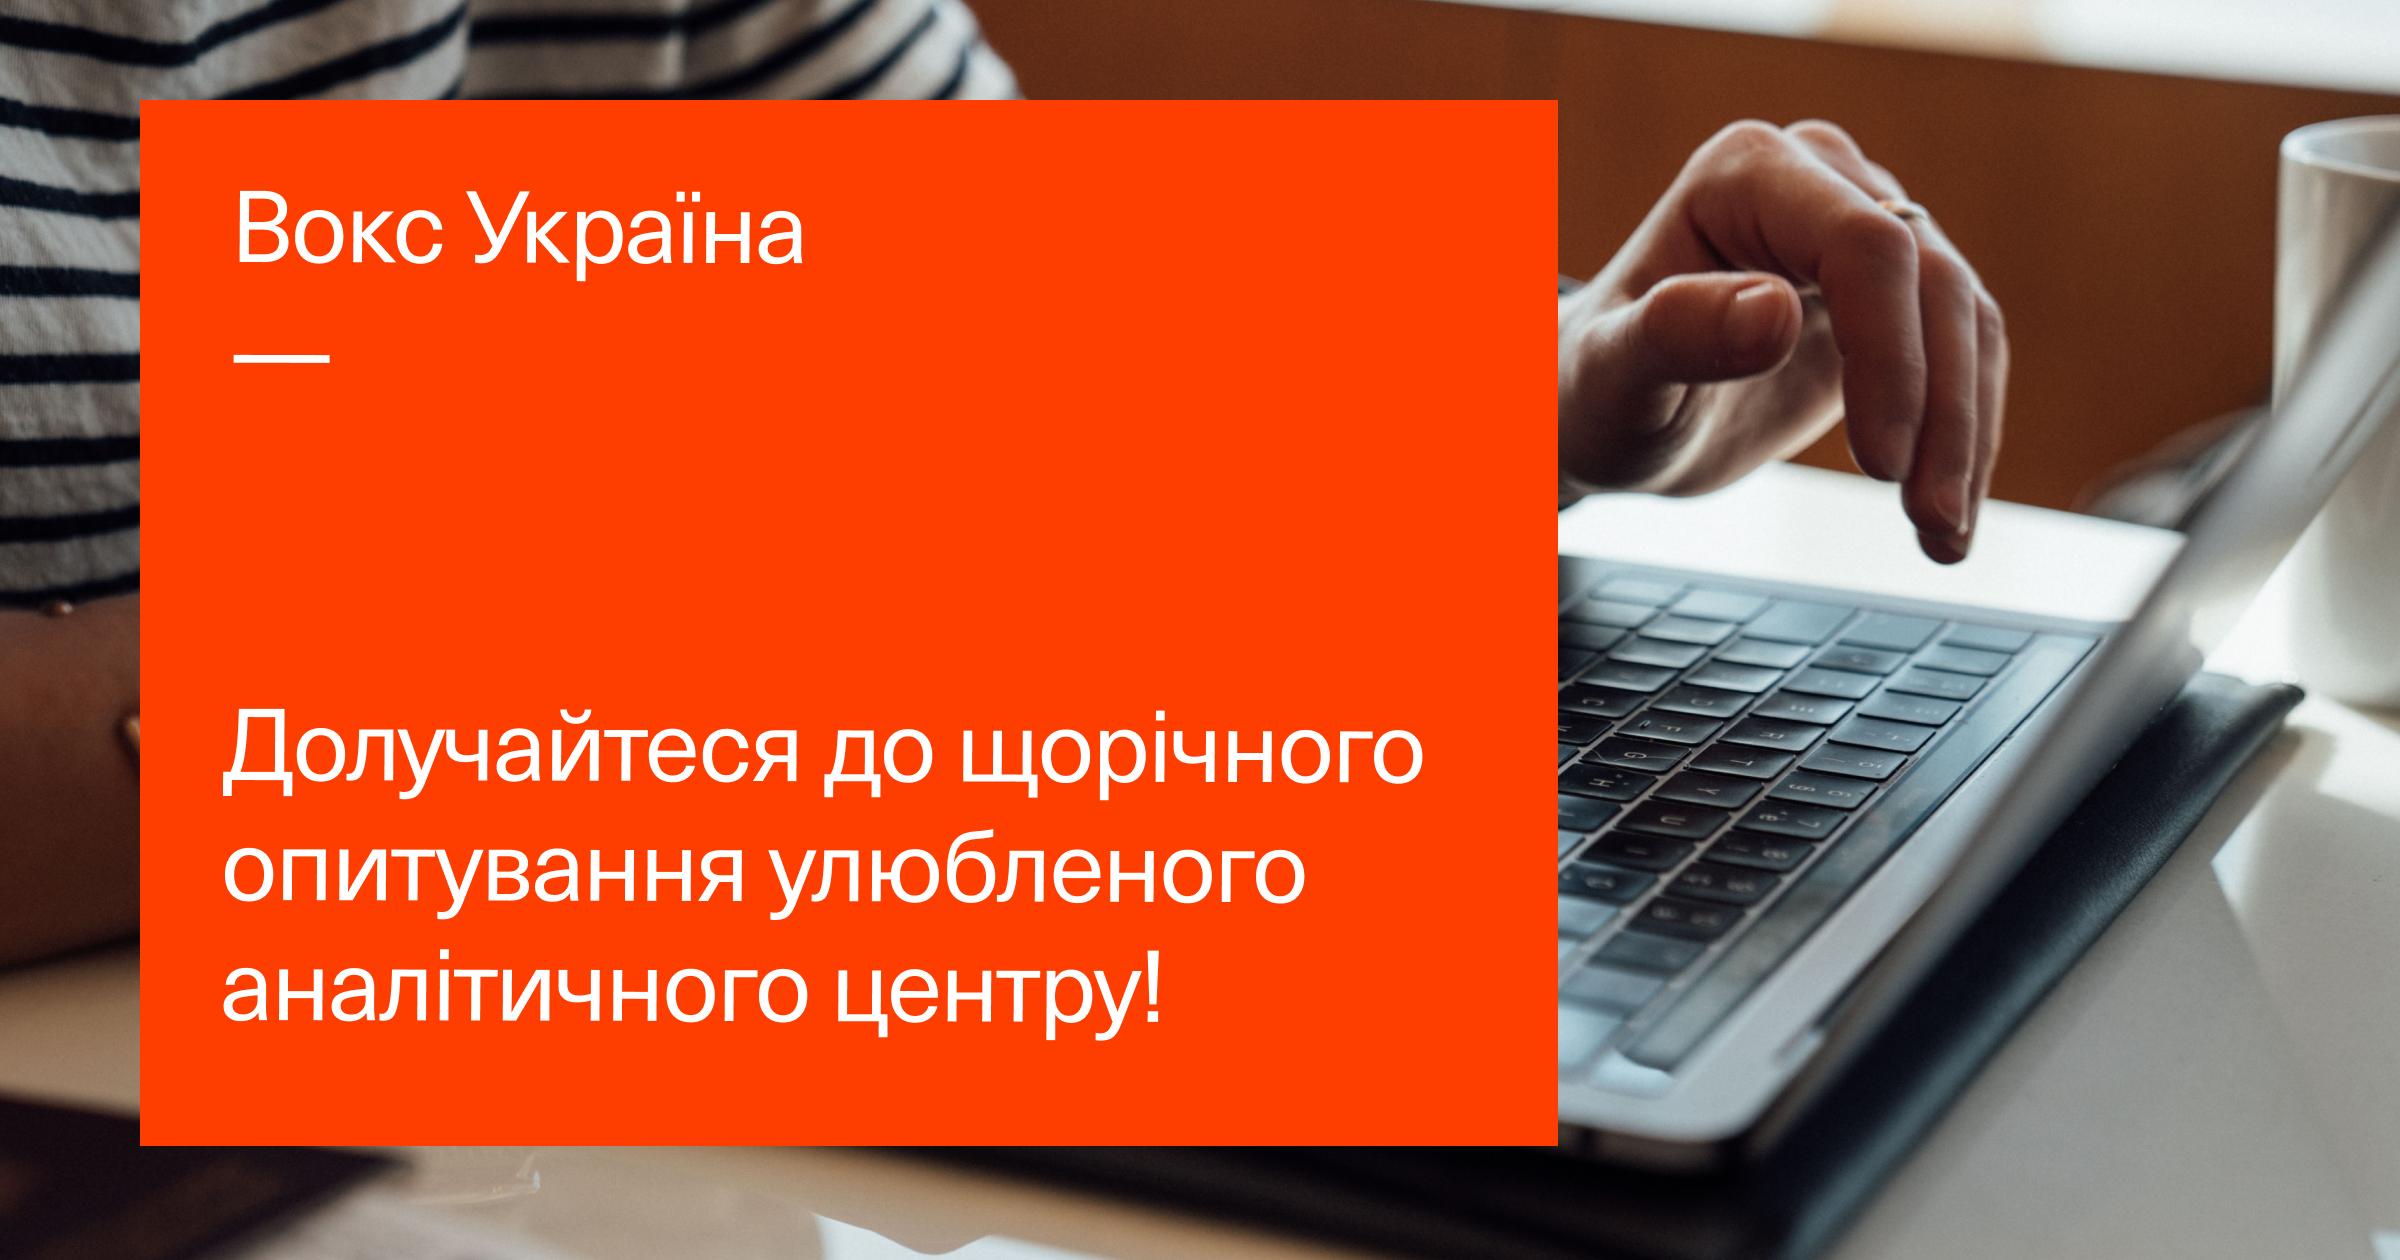 «Вокс Україна»: щорічне опитування 2021